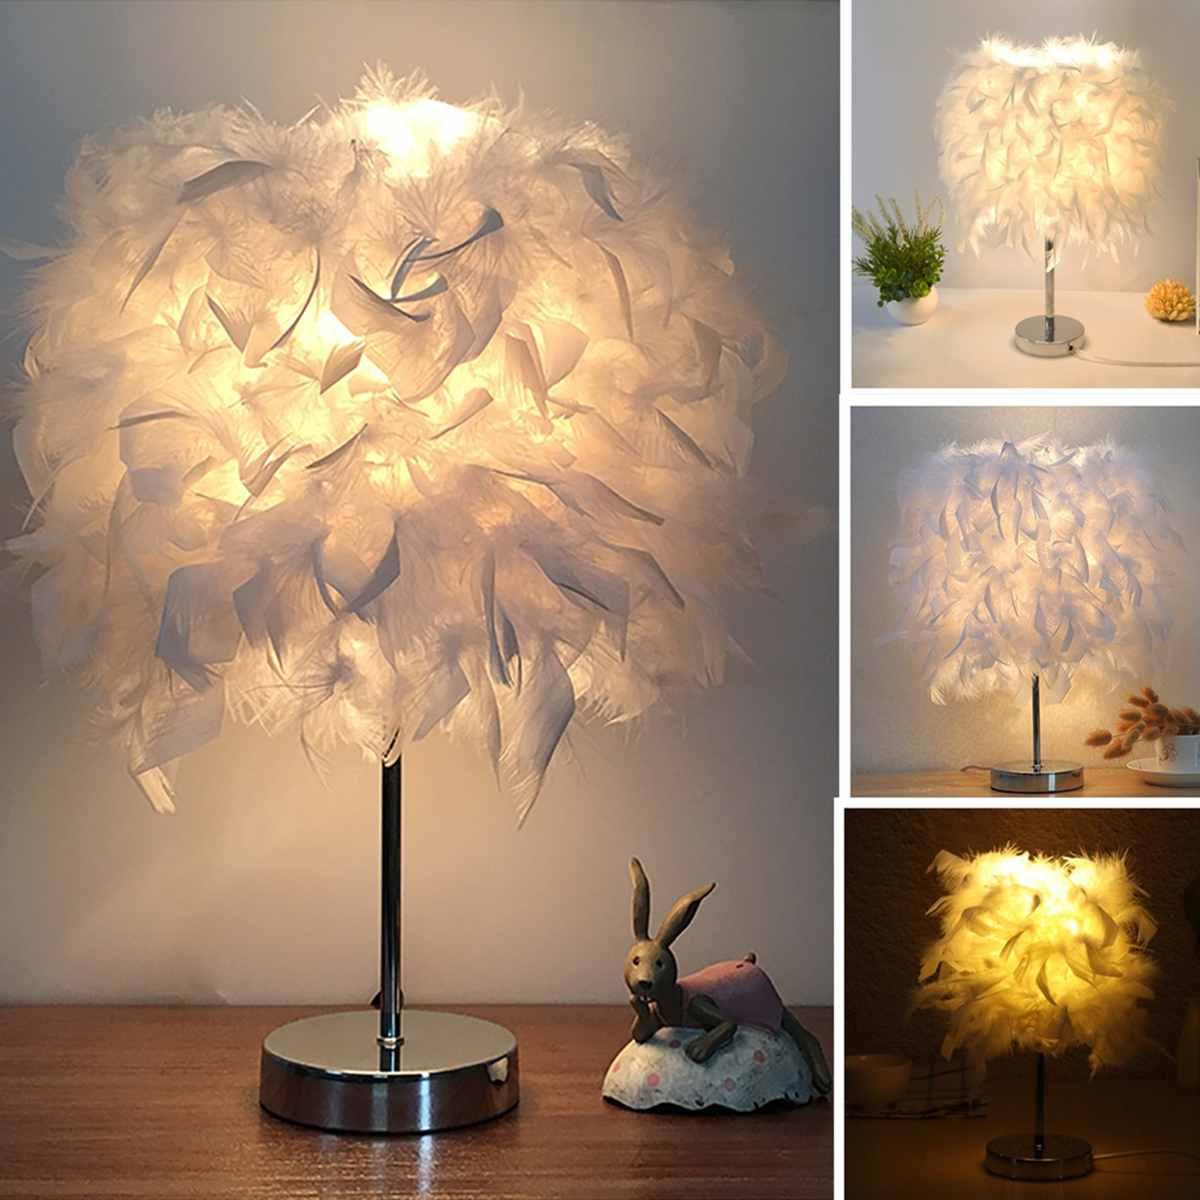 Full Size of Schlafzimmer Lampen Online Vertriebspartner Massivholz Wohnzimmer Betten Bad Luxus Küche Romantische Schränke Gardinen Günstige Komplett Sessel Vorhänge Wohnzimmer Schlafzimmer Lampen